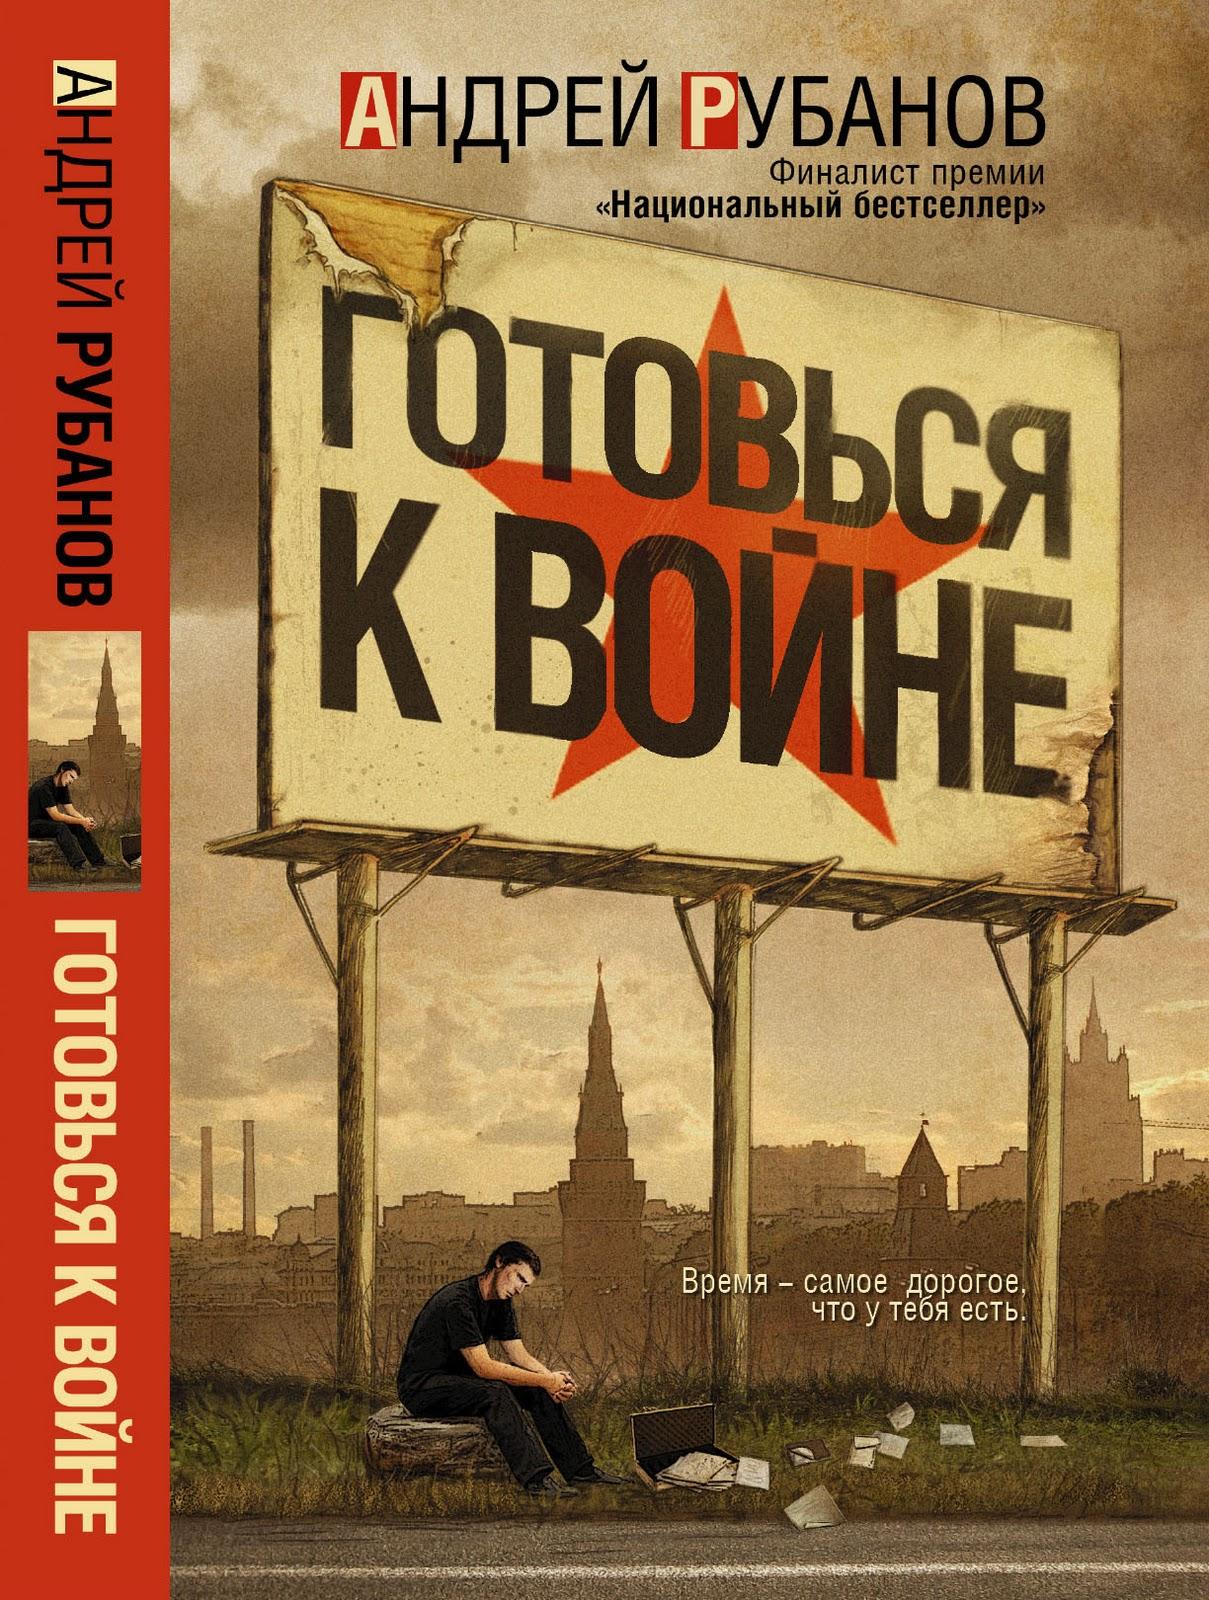 Андрей Рубанов - Сажайте, и вырастет читать онлайн 23